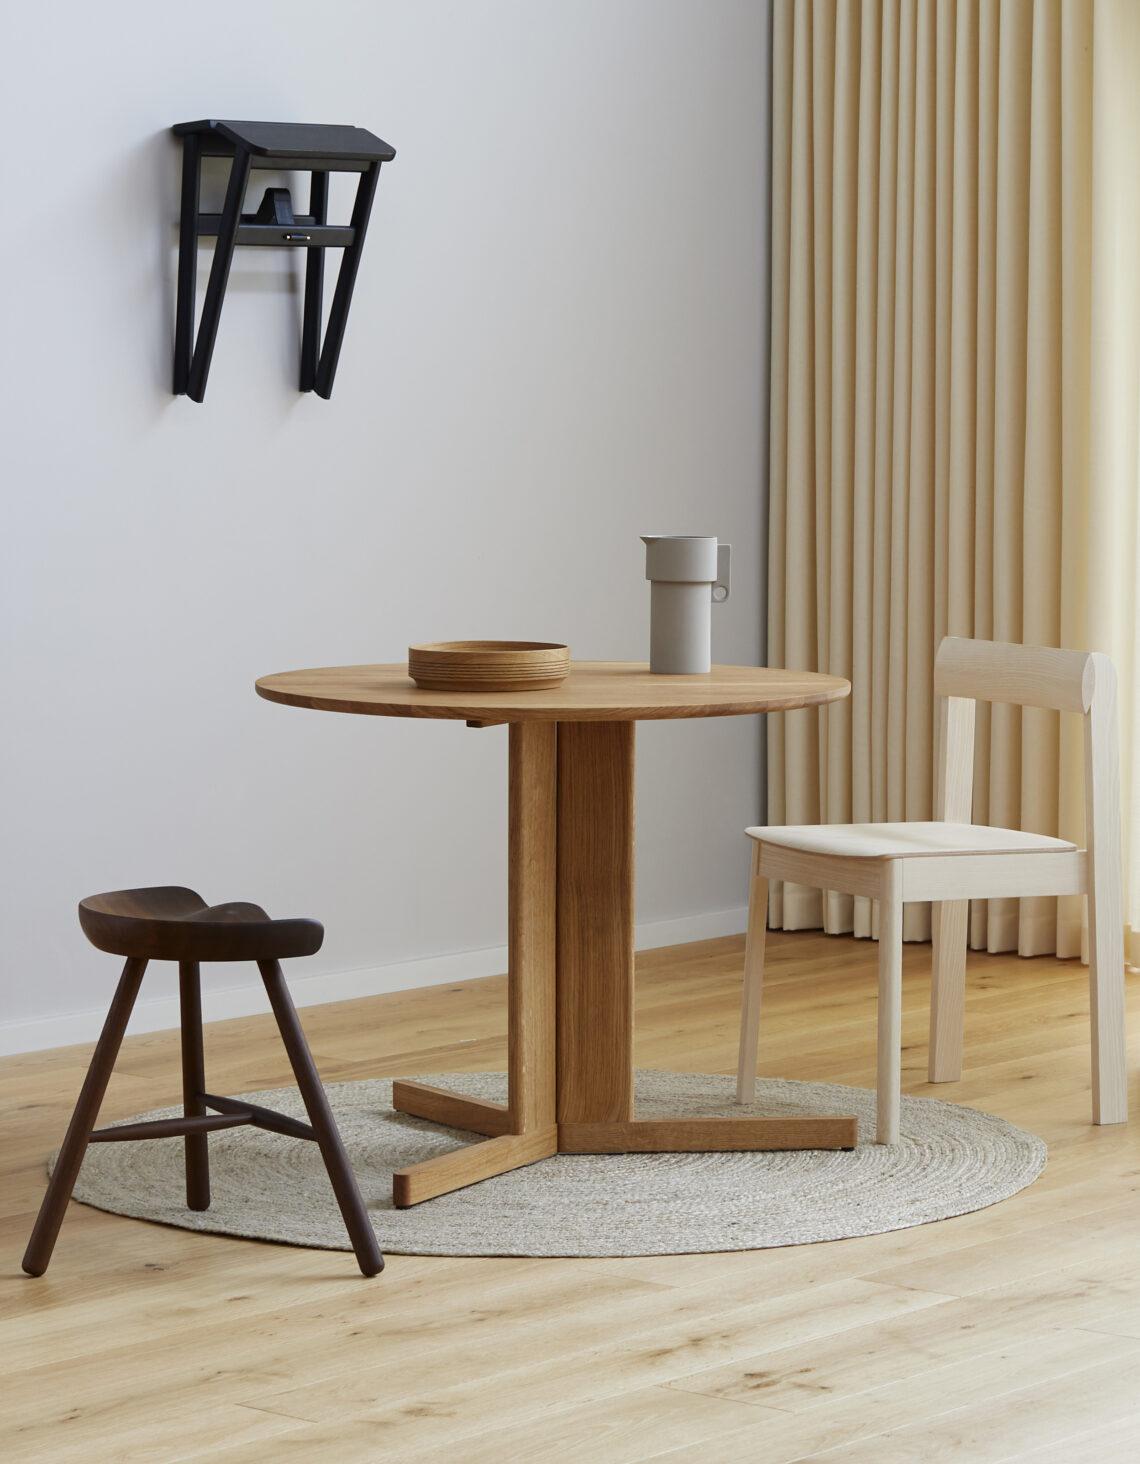 Form and refine Angle stool kruk zwart, Shoemaker chair gerookt eiken, blueprint stoel essenhout Trefoil tafel rond